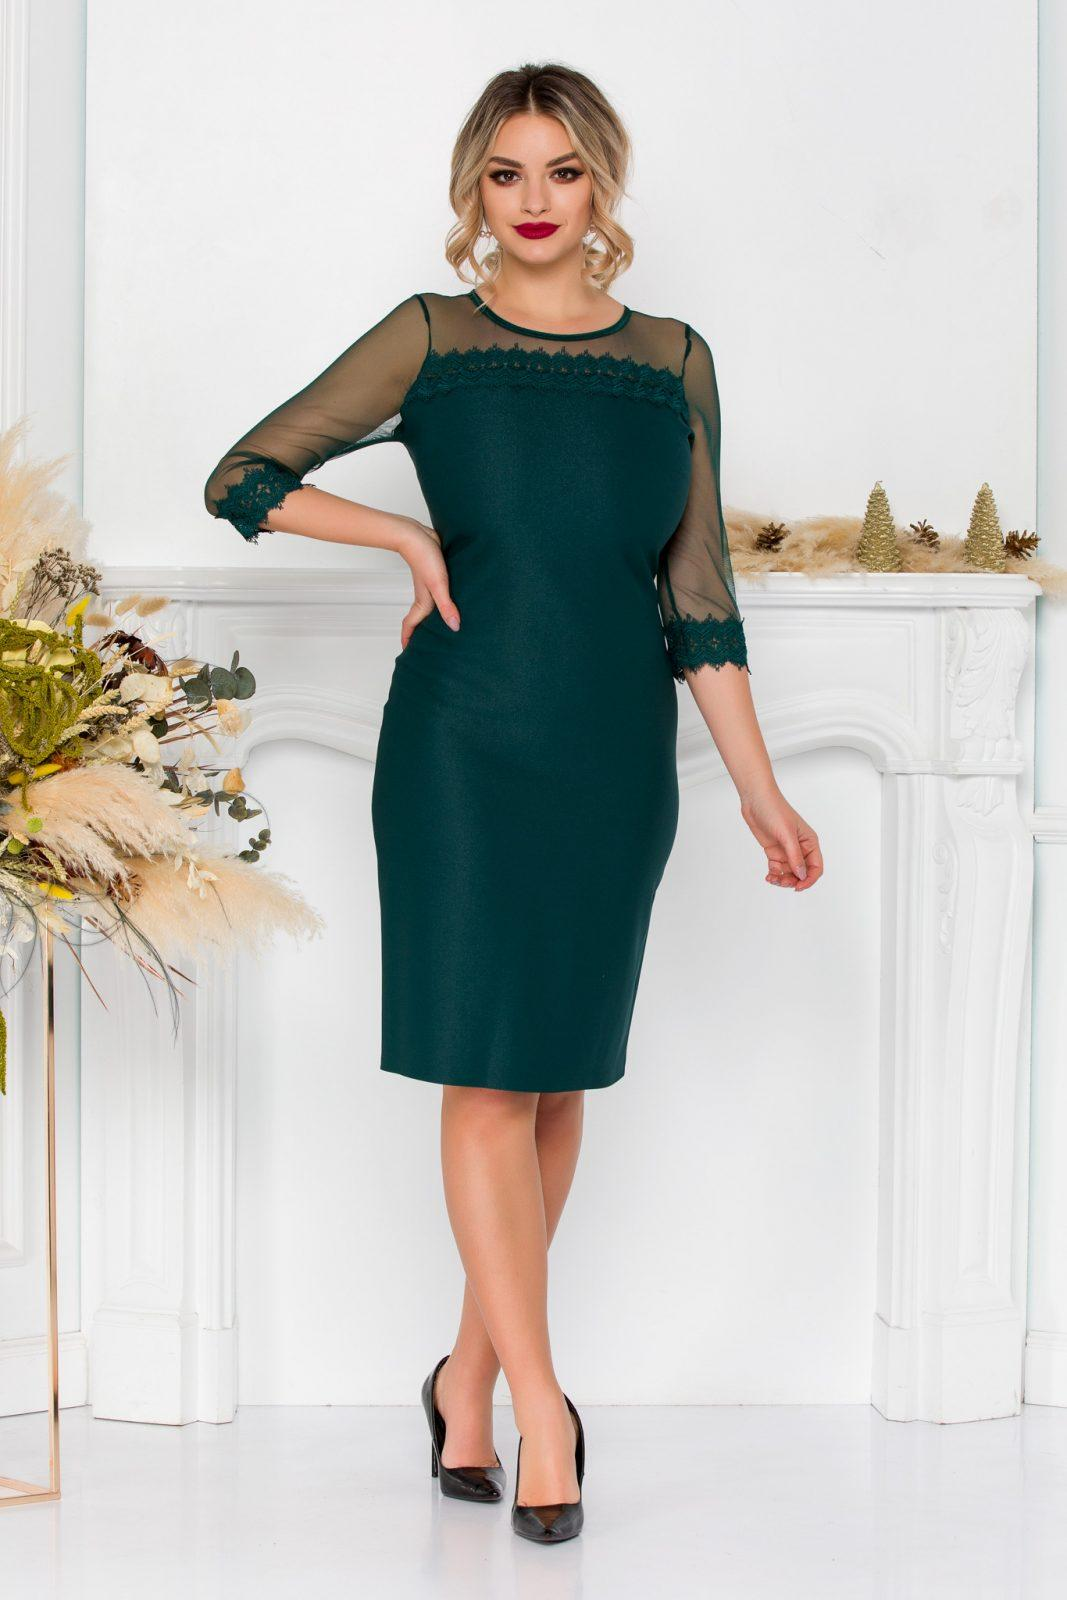 Πράσινο Μίντι Φόρεμα Με Δαντέλα Sylvia 8951 1